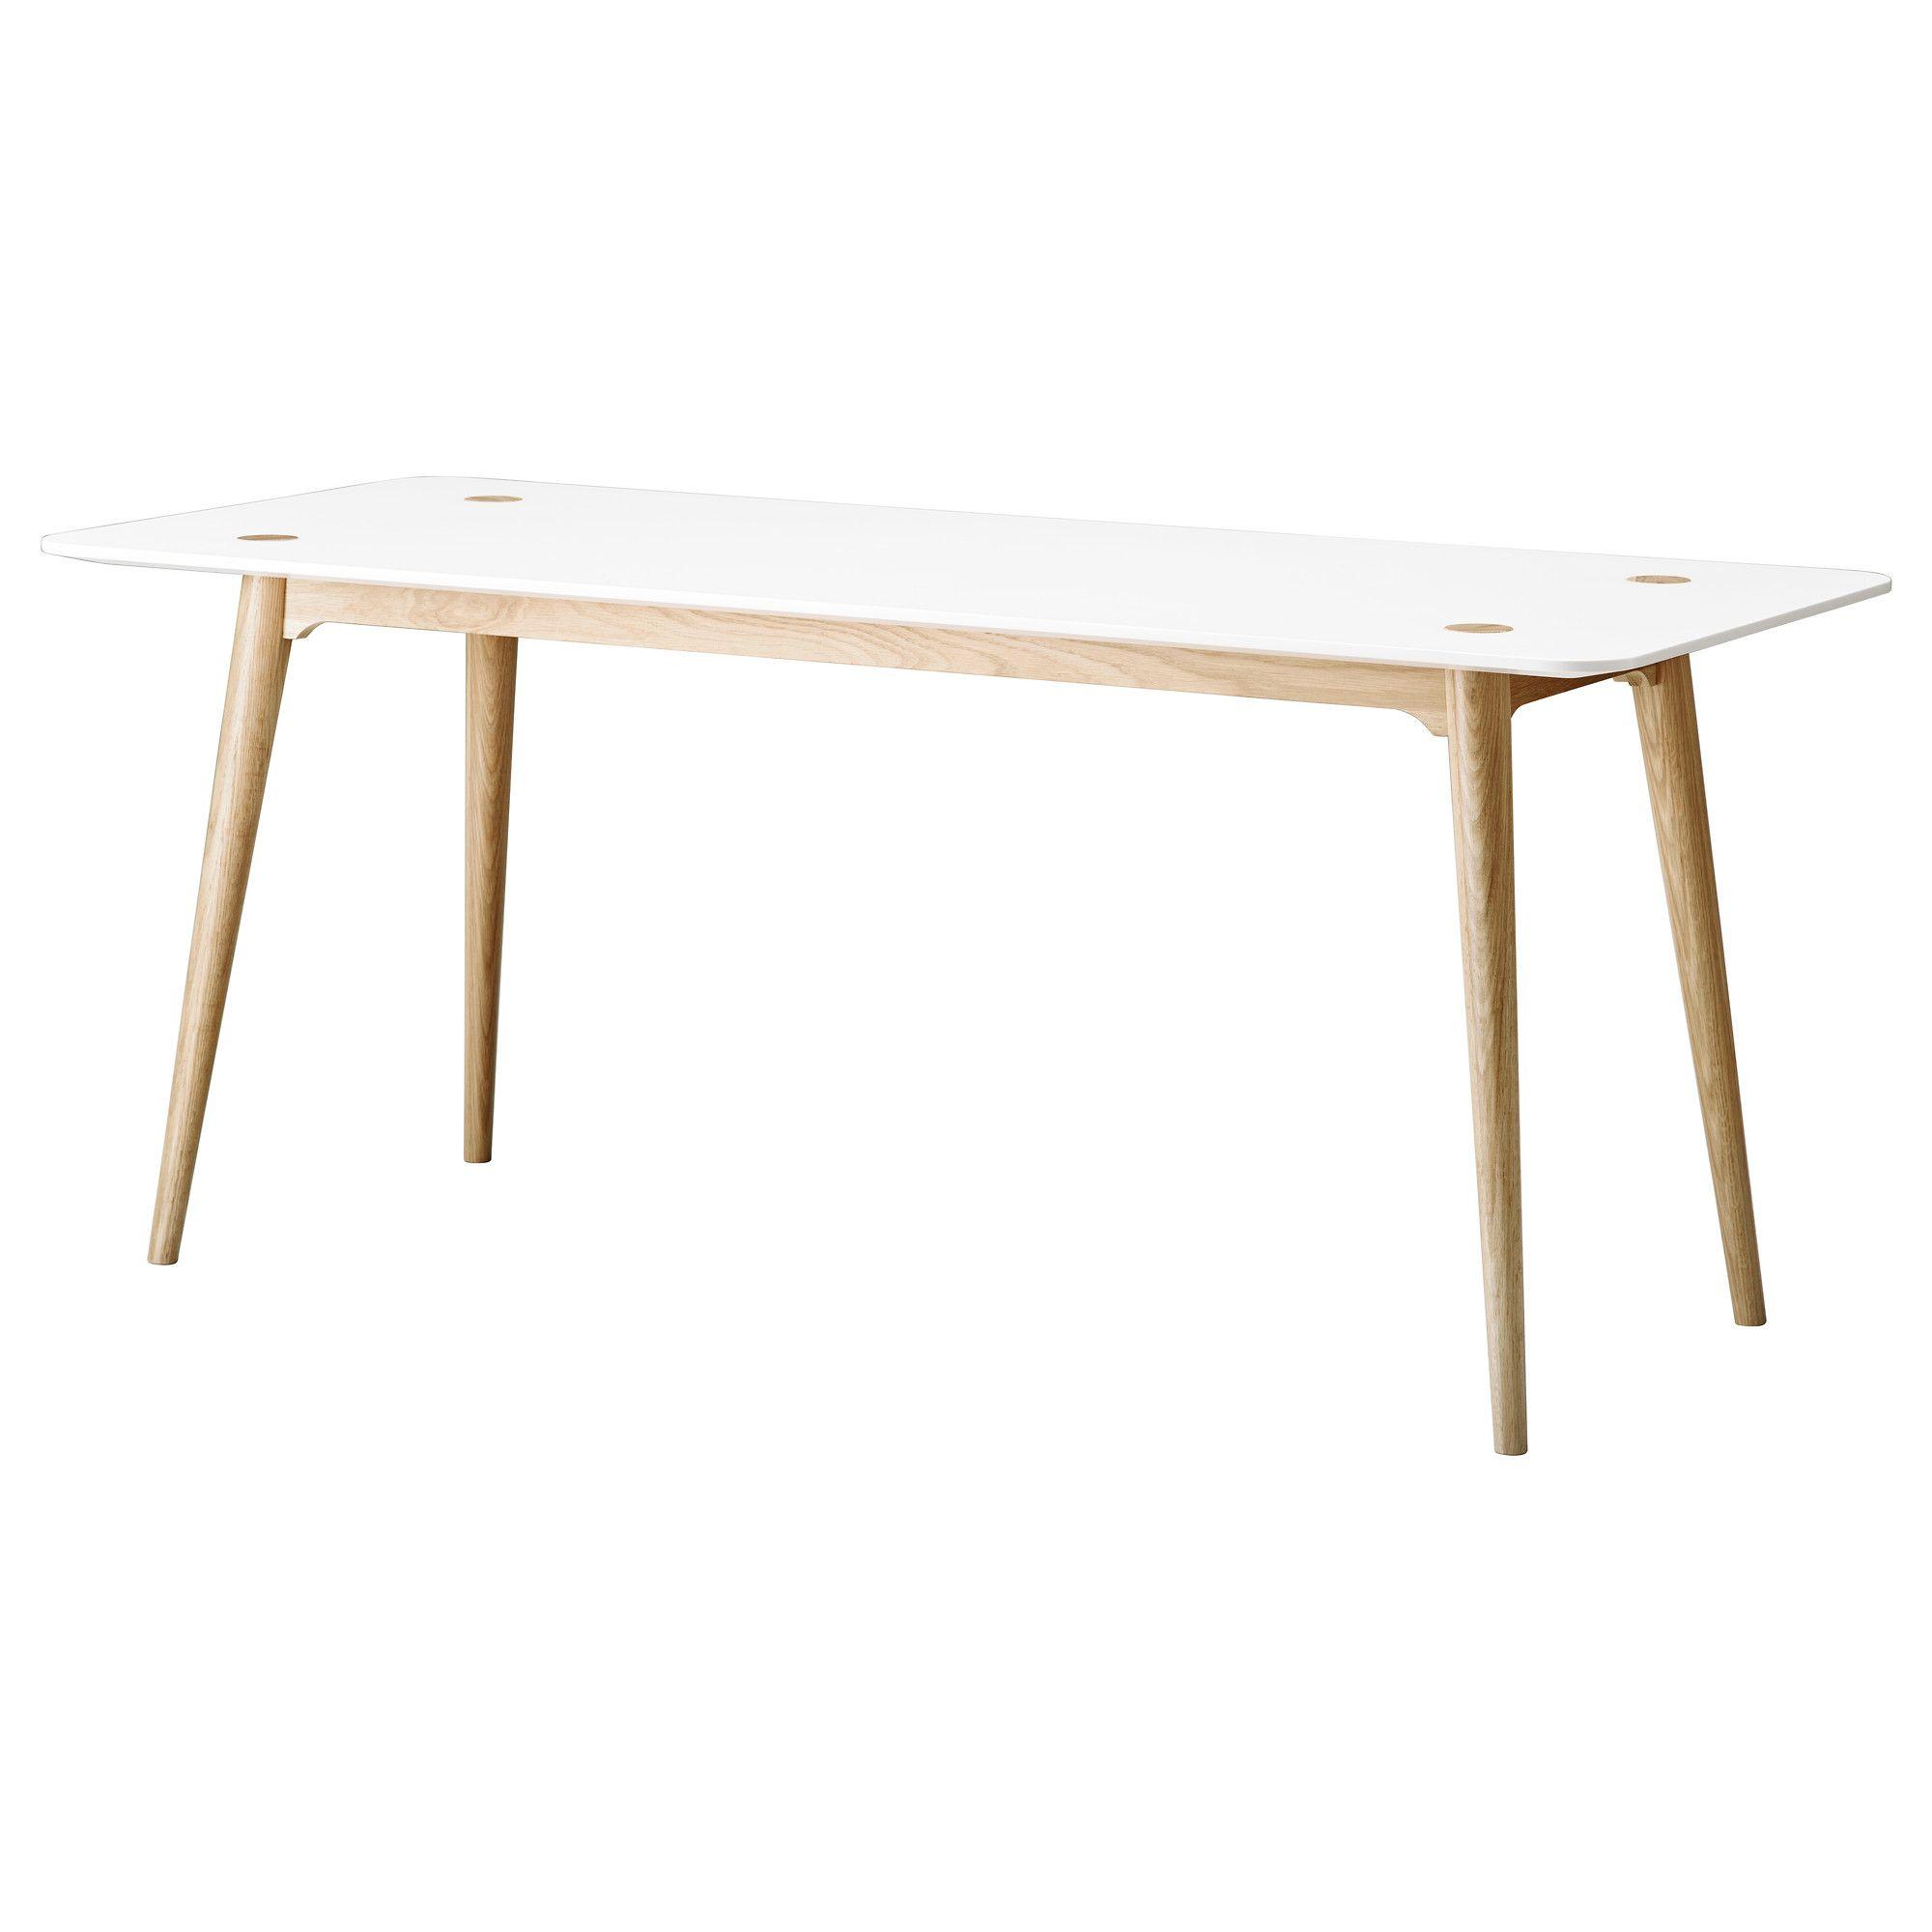 Esstisch rund ikea  TRENDIG 2013 Esstisch - IKEA | The Future of C25 | Pinterest ...